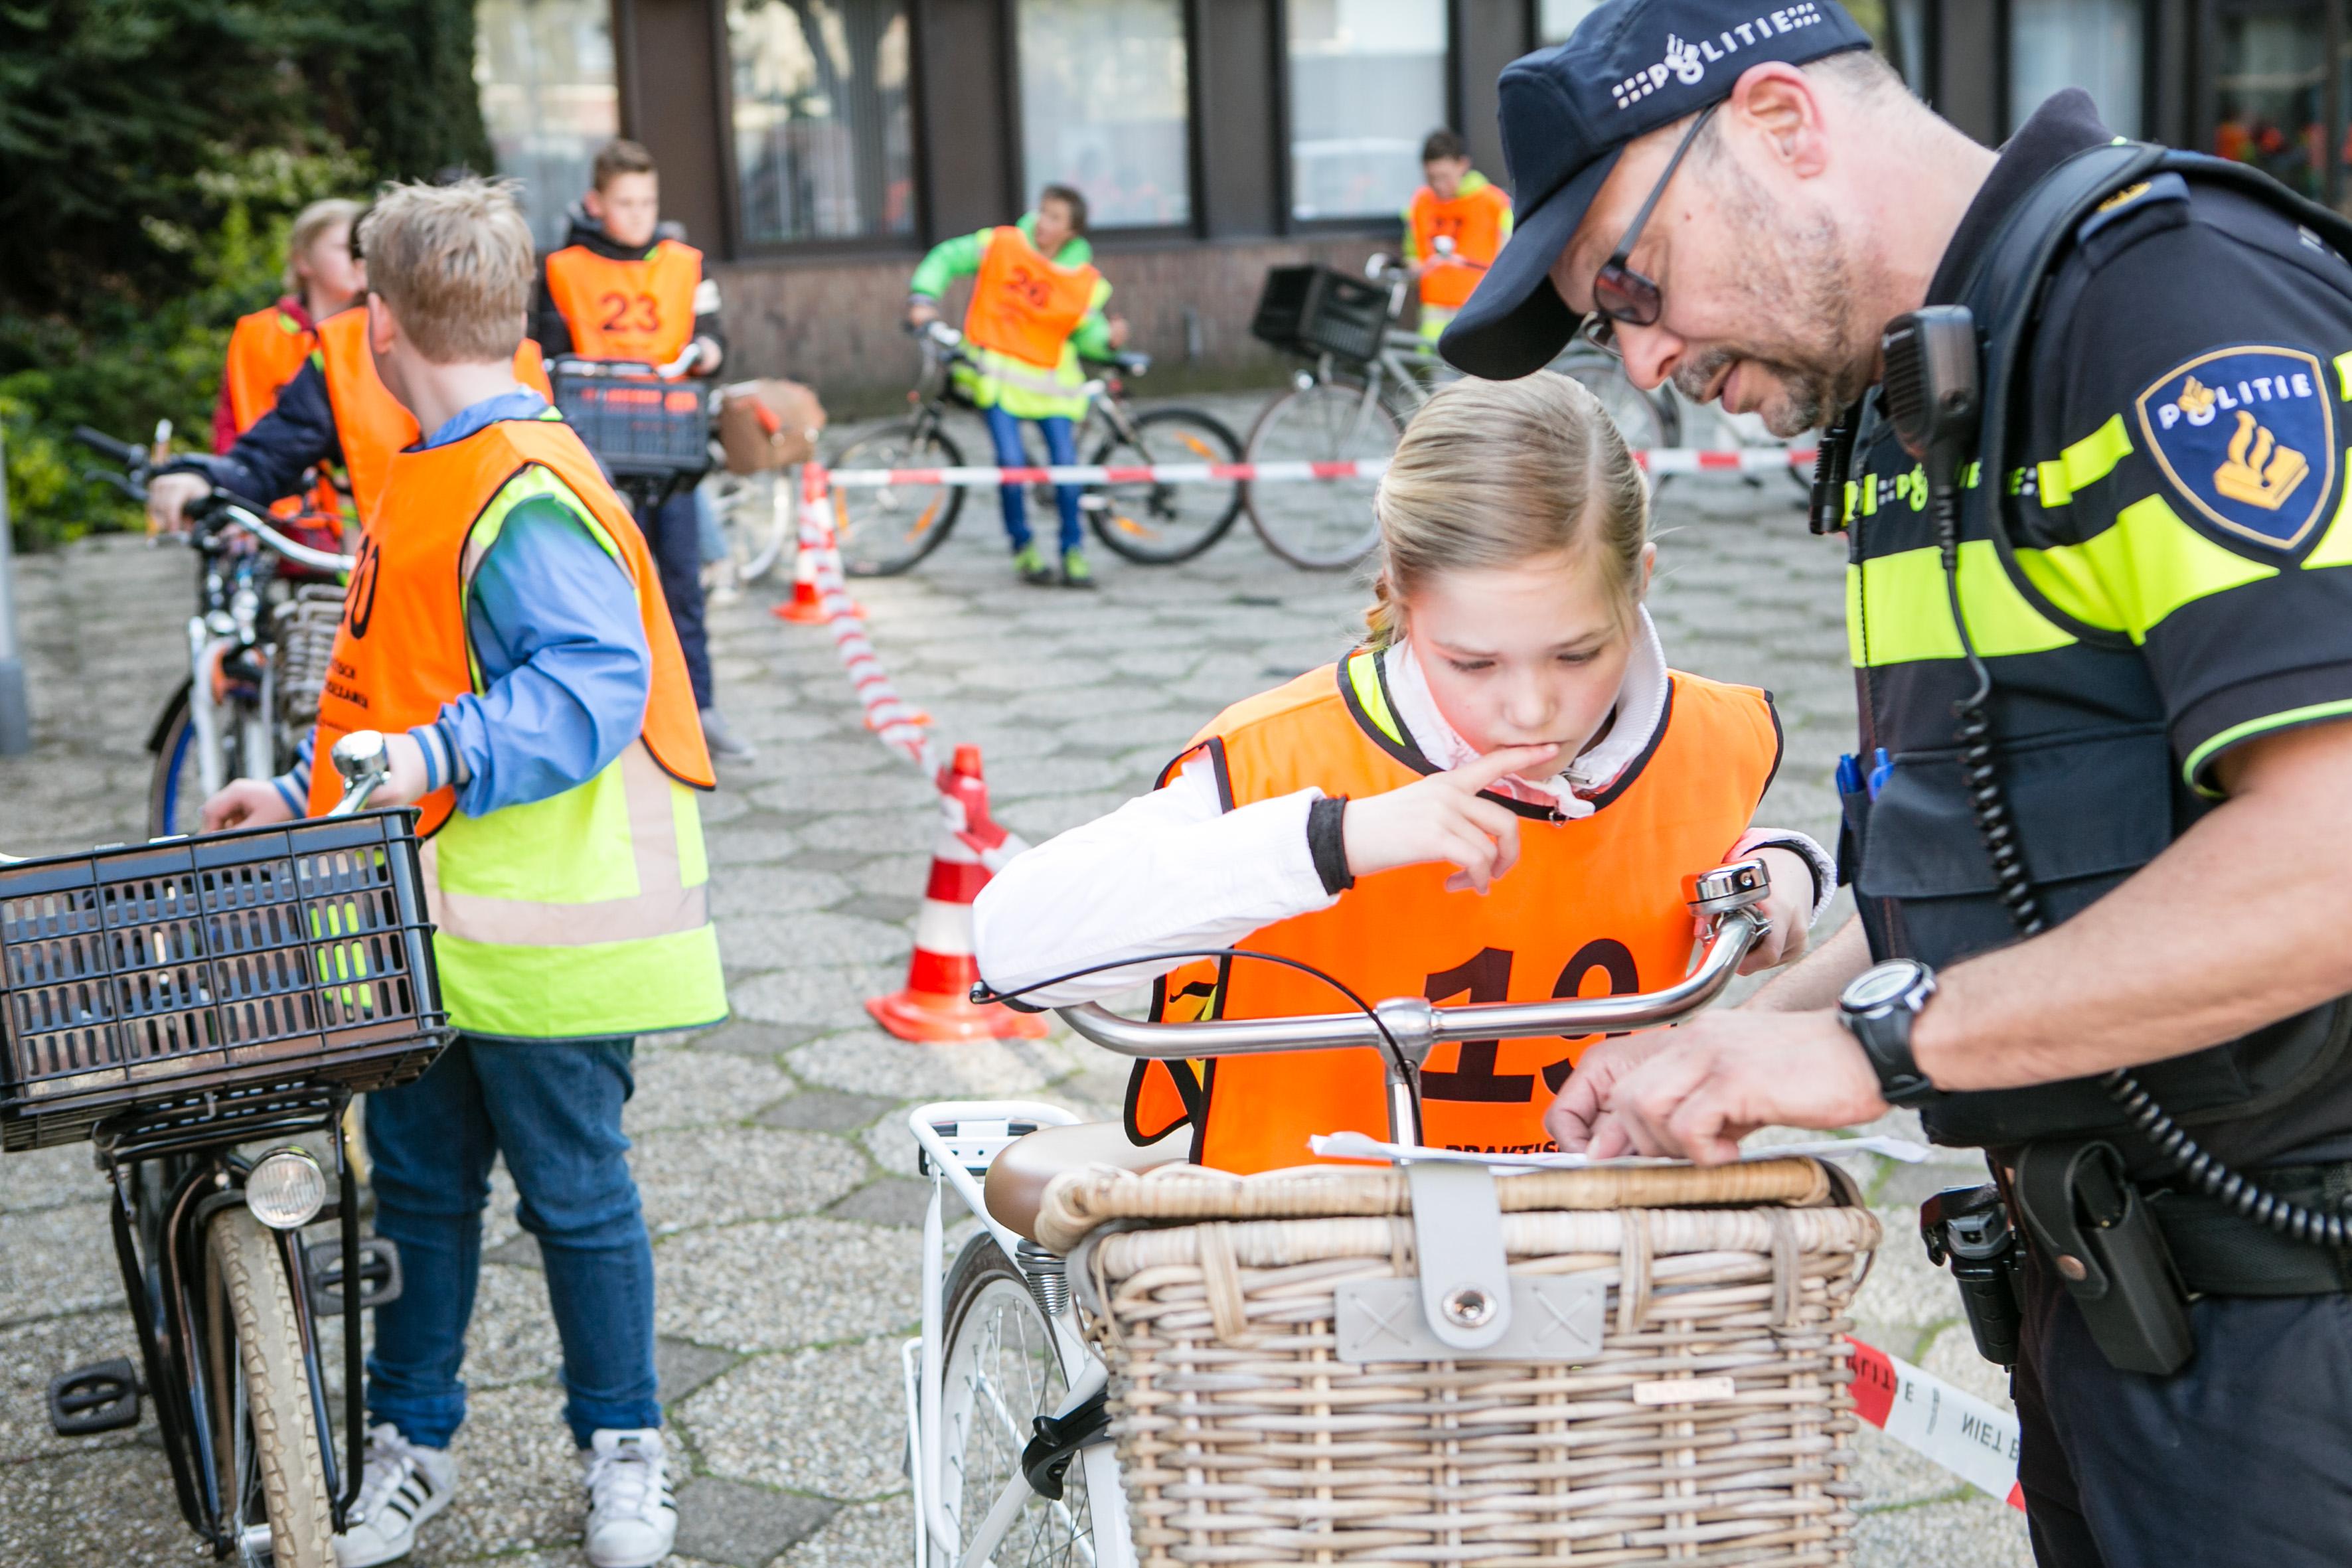 verkeersexamen foto eric van nieuwland 074930